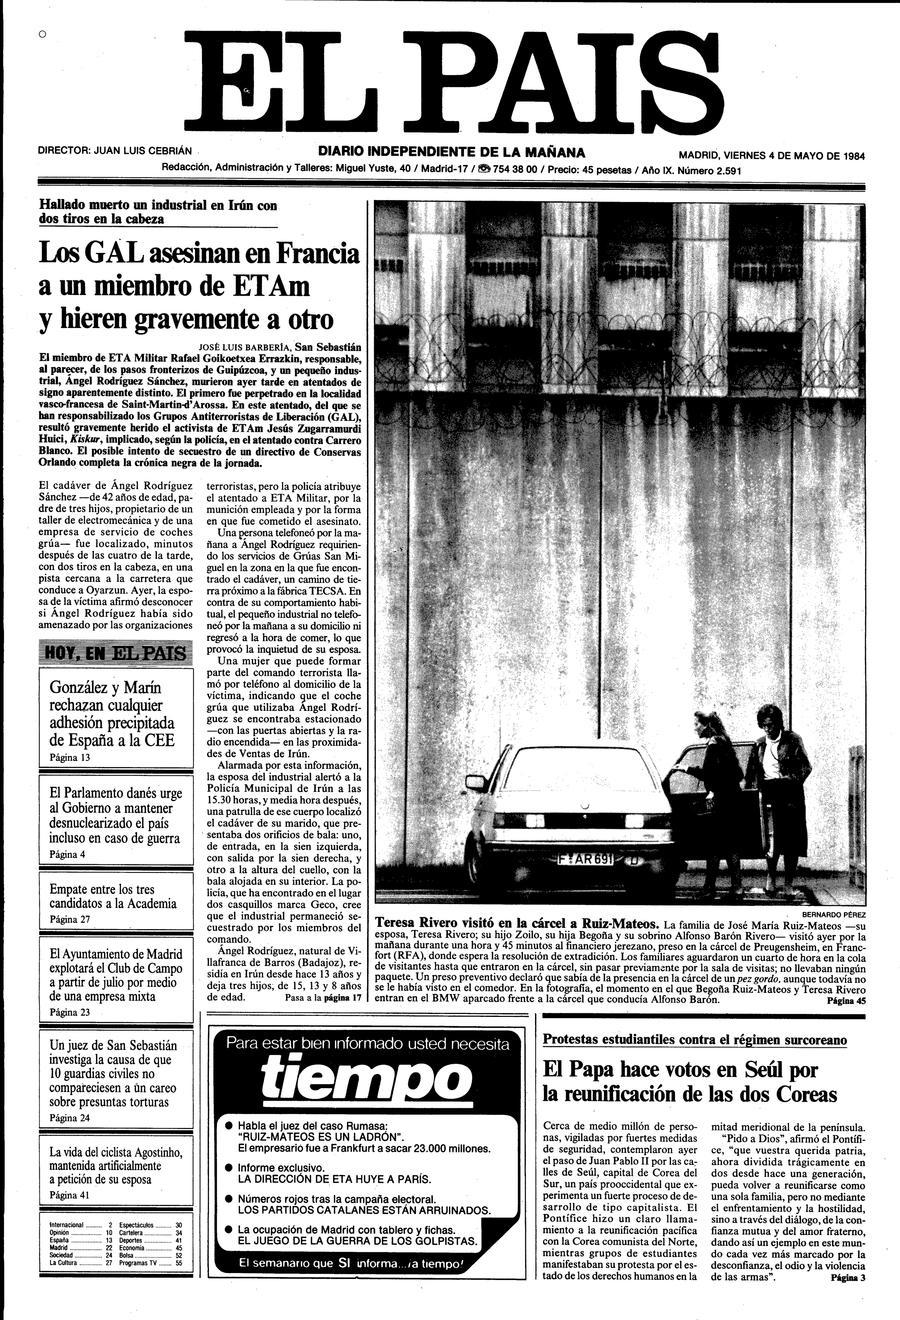 4 de Mayo de 1984